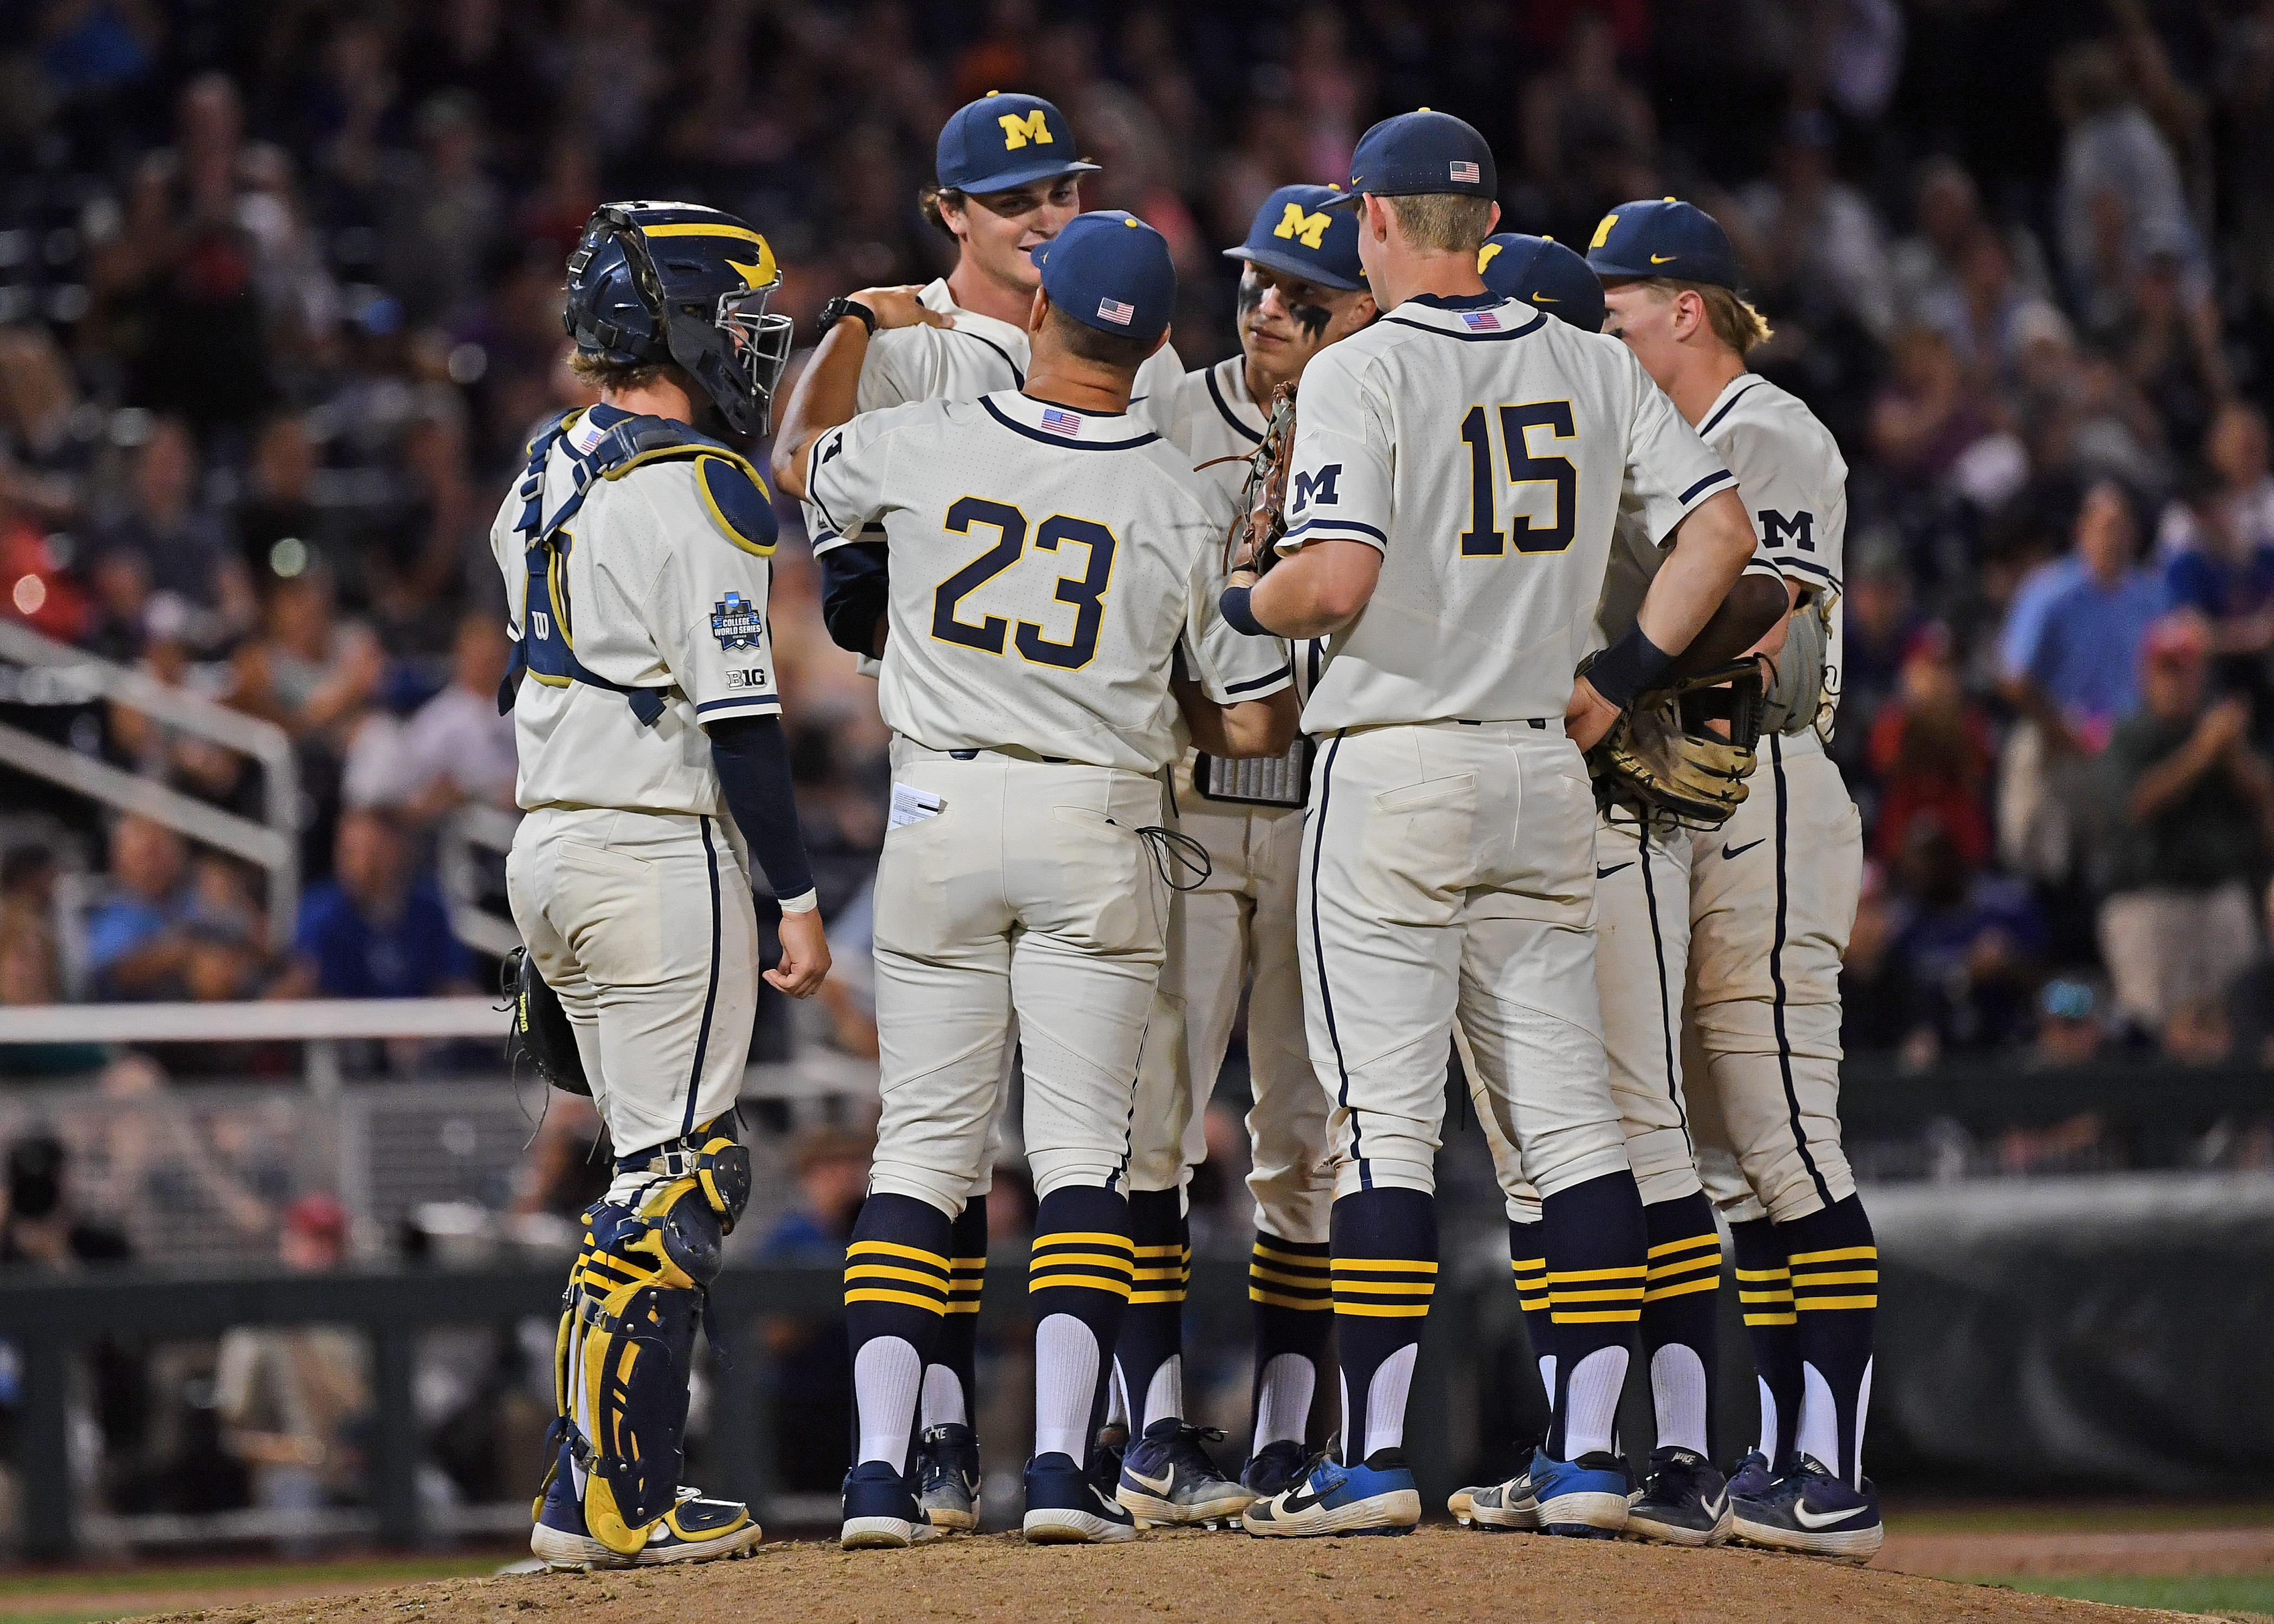 College World Series - Michigan v Vanderbilt - Game One